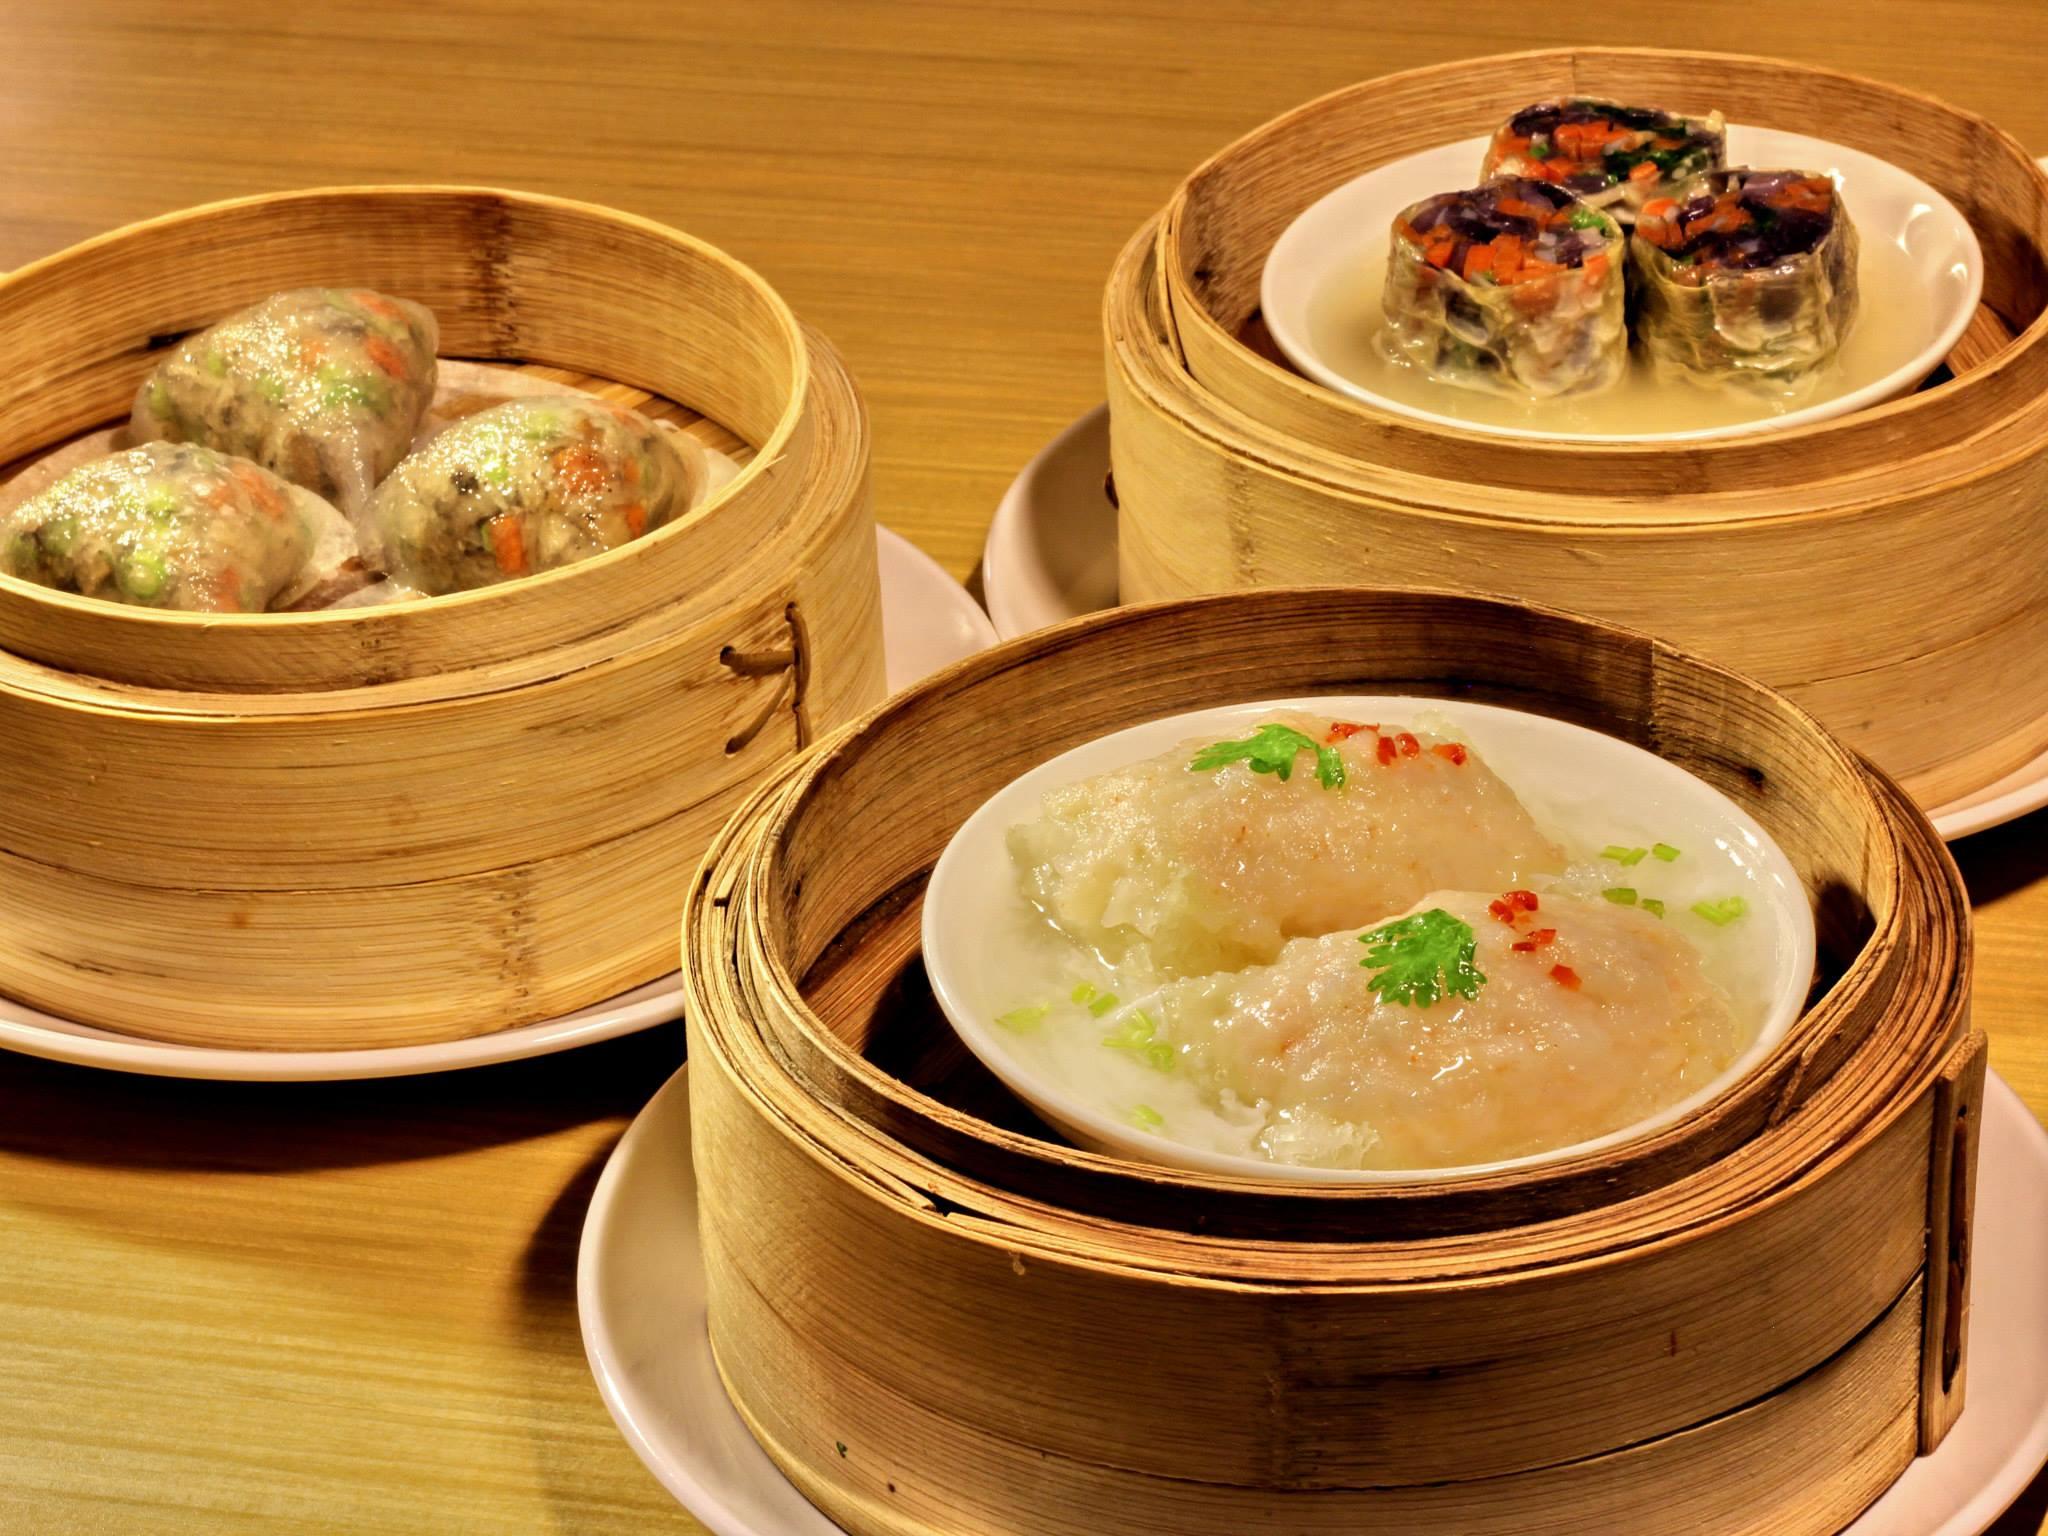 本格シュウマイ中華料理の数々「Tim Ho Wan」